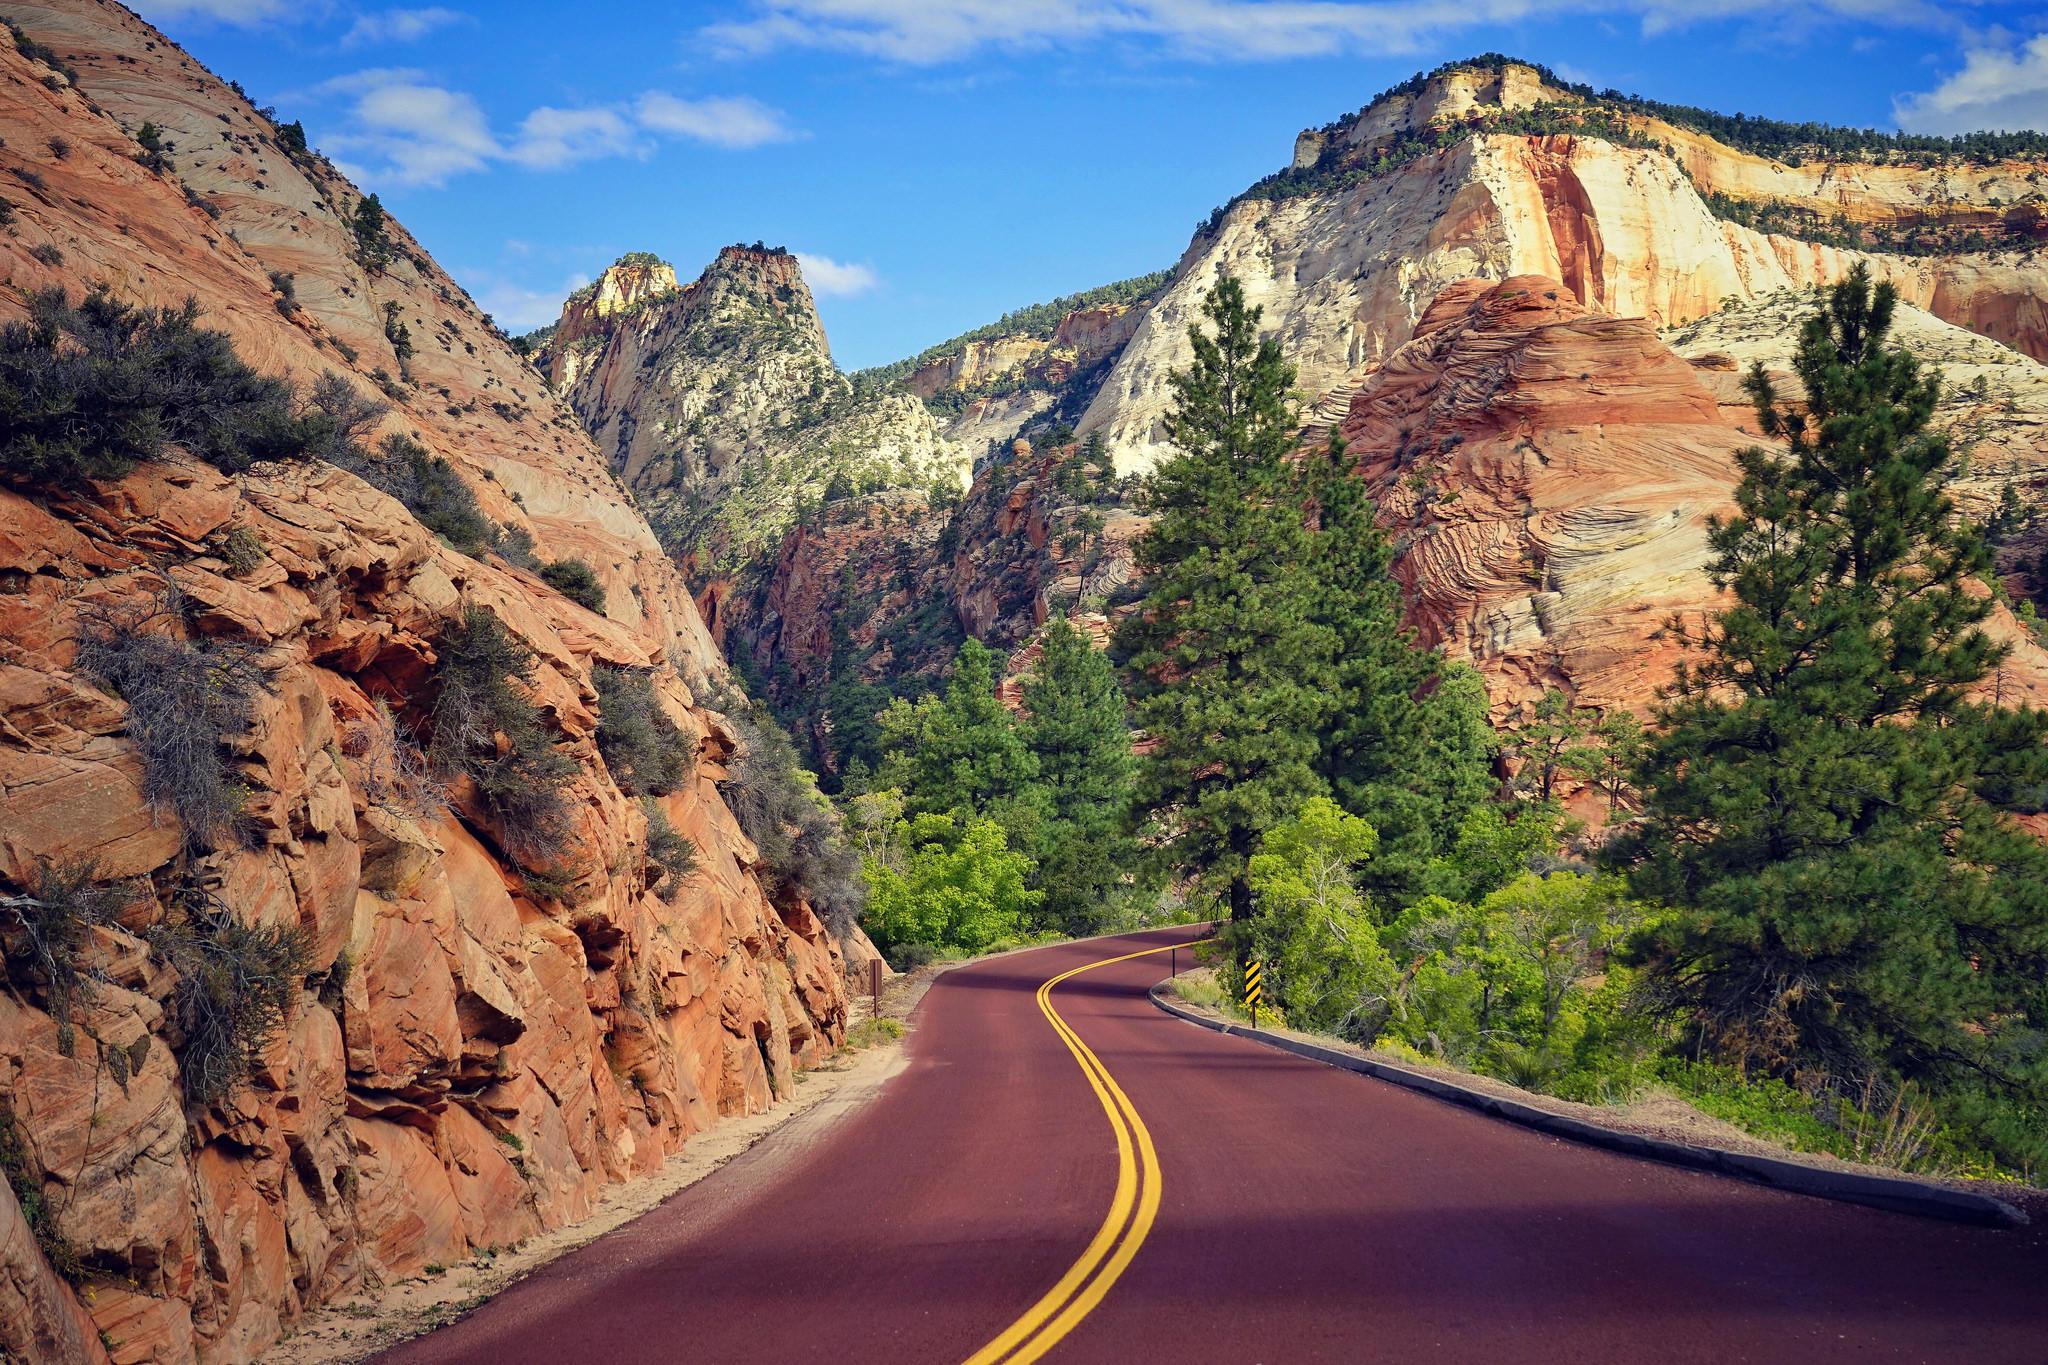 обои горы, дорога, деревья, пейзаж картинки фото